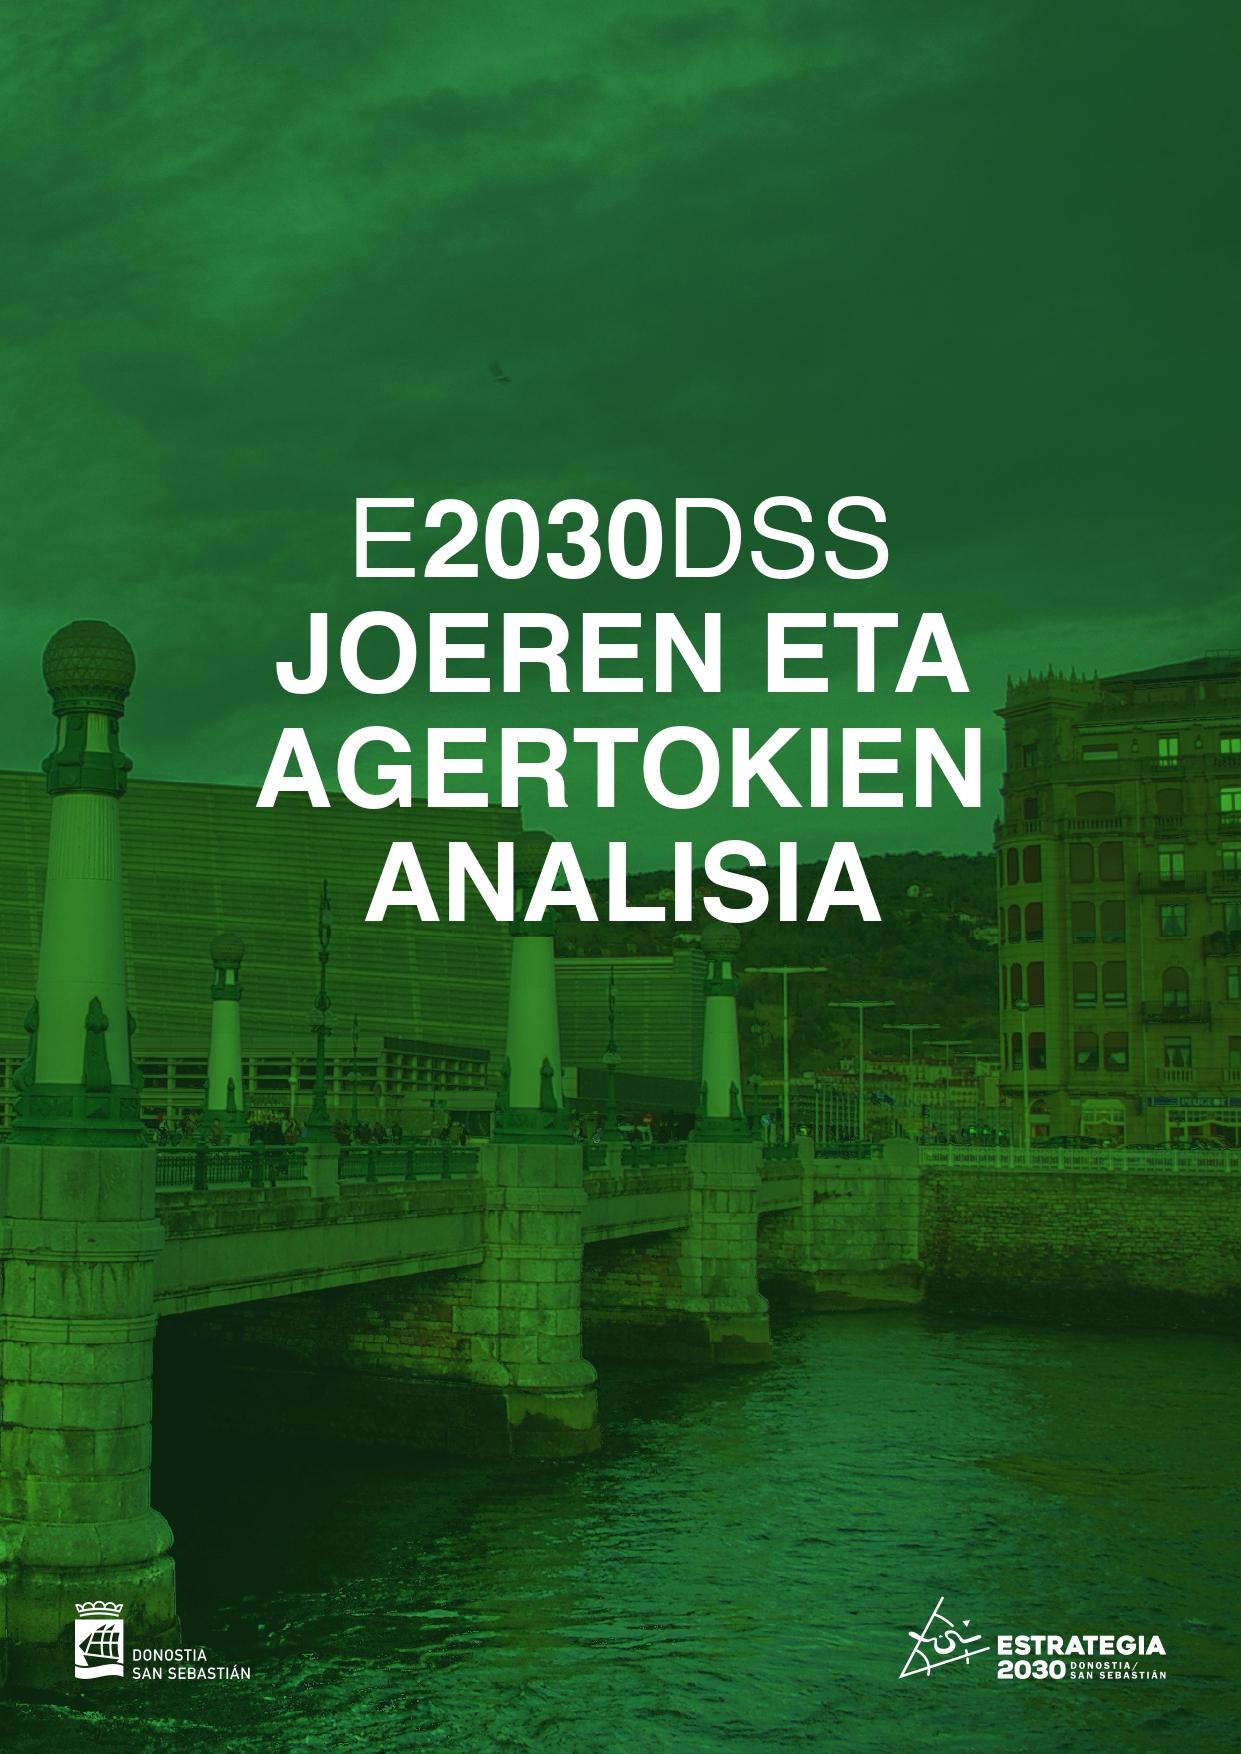 E2030DSS Joeren eta agertokien analisia